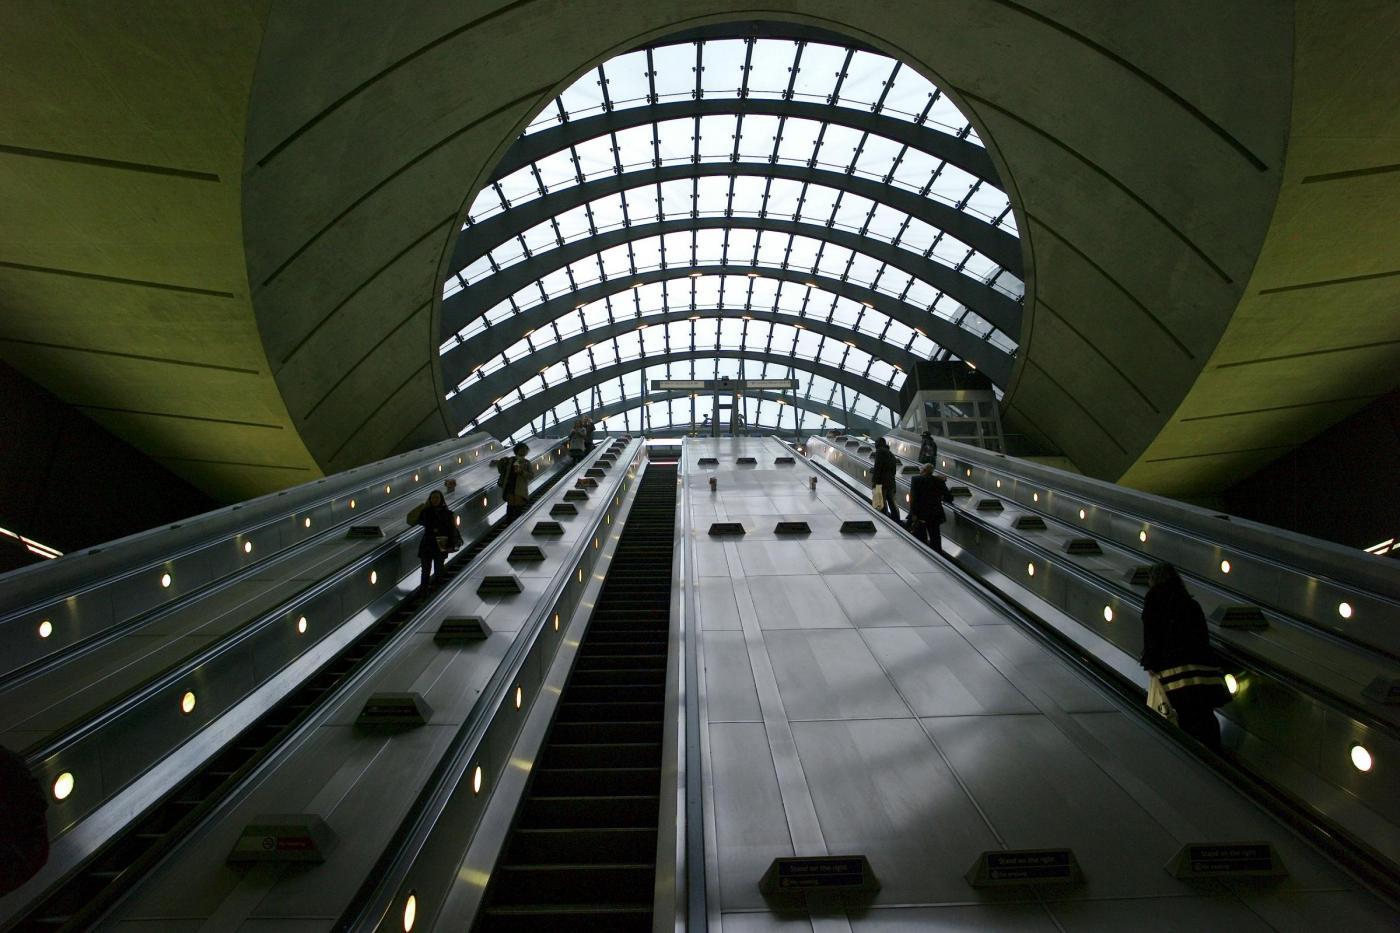 La Metro di Londra compie 150 anni05